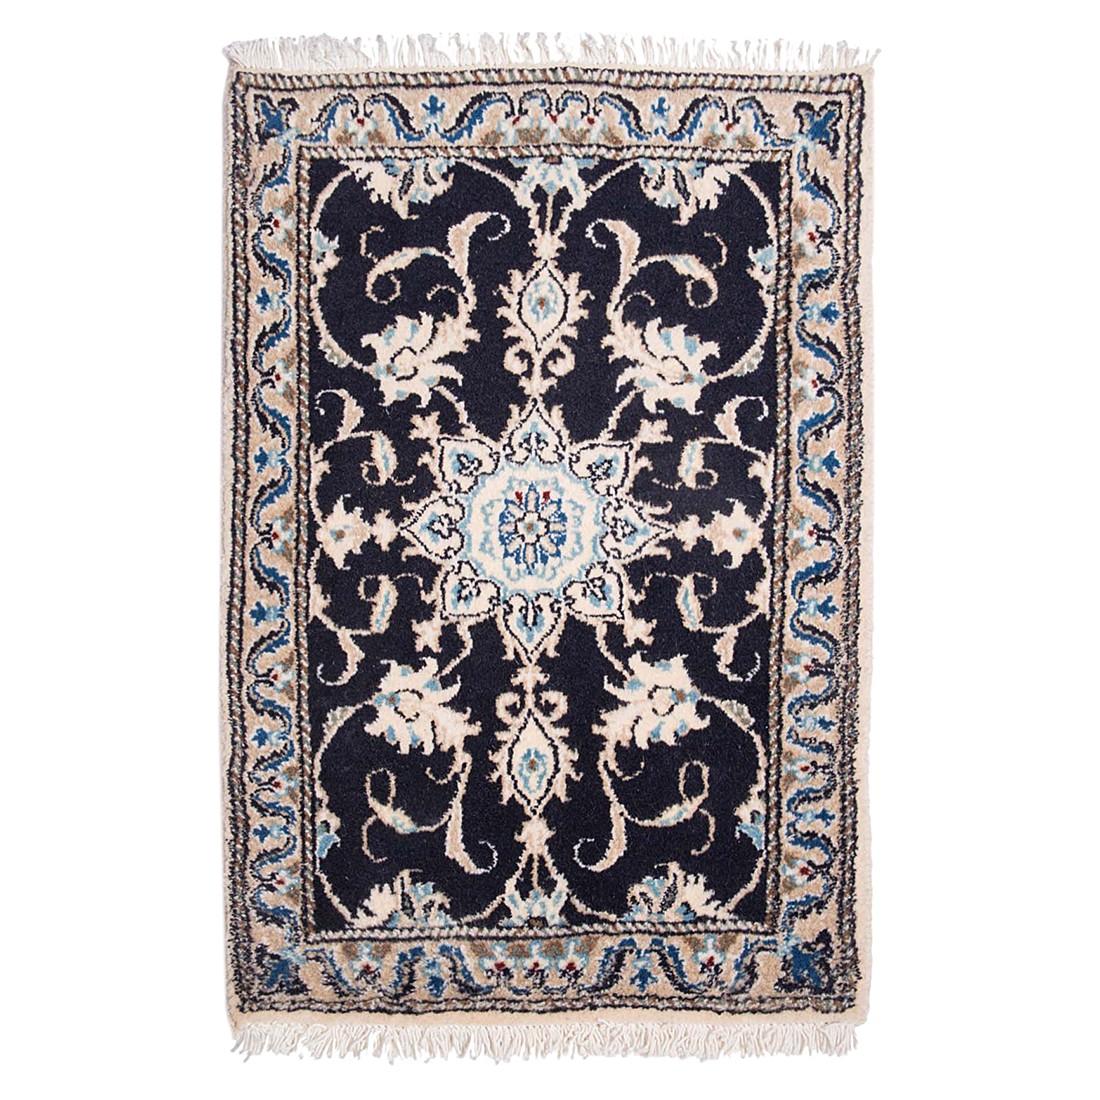 Teppich-Khorasan Nain Schwarz – Reine Schurwolle – 70 x 140 cm, Parwis günstig